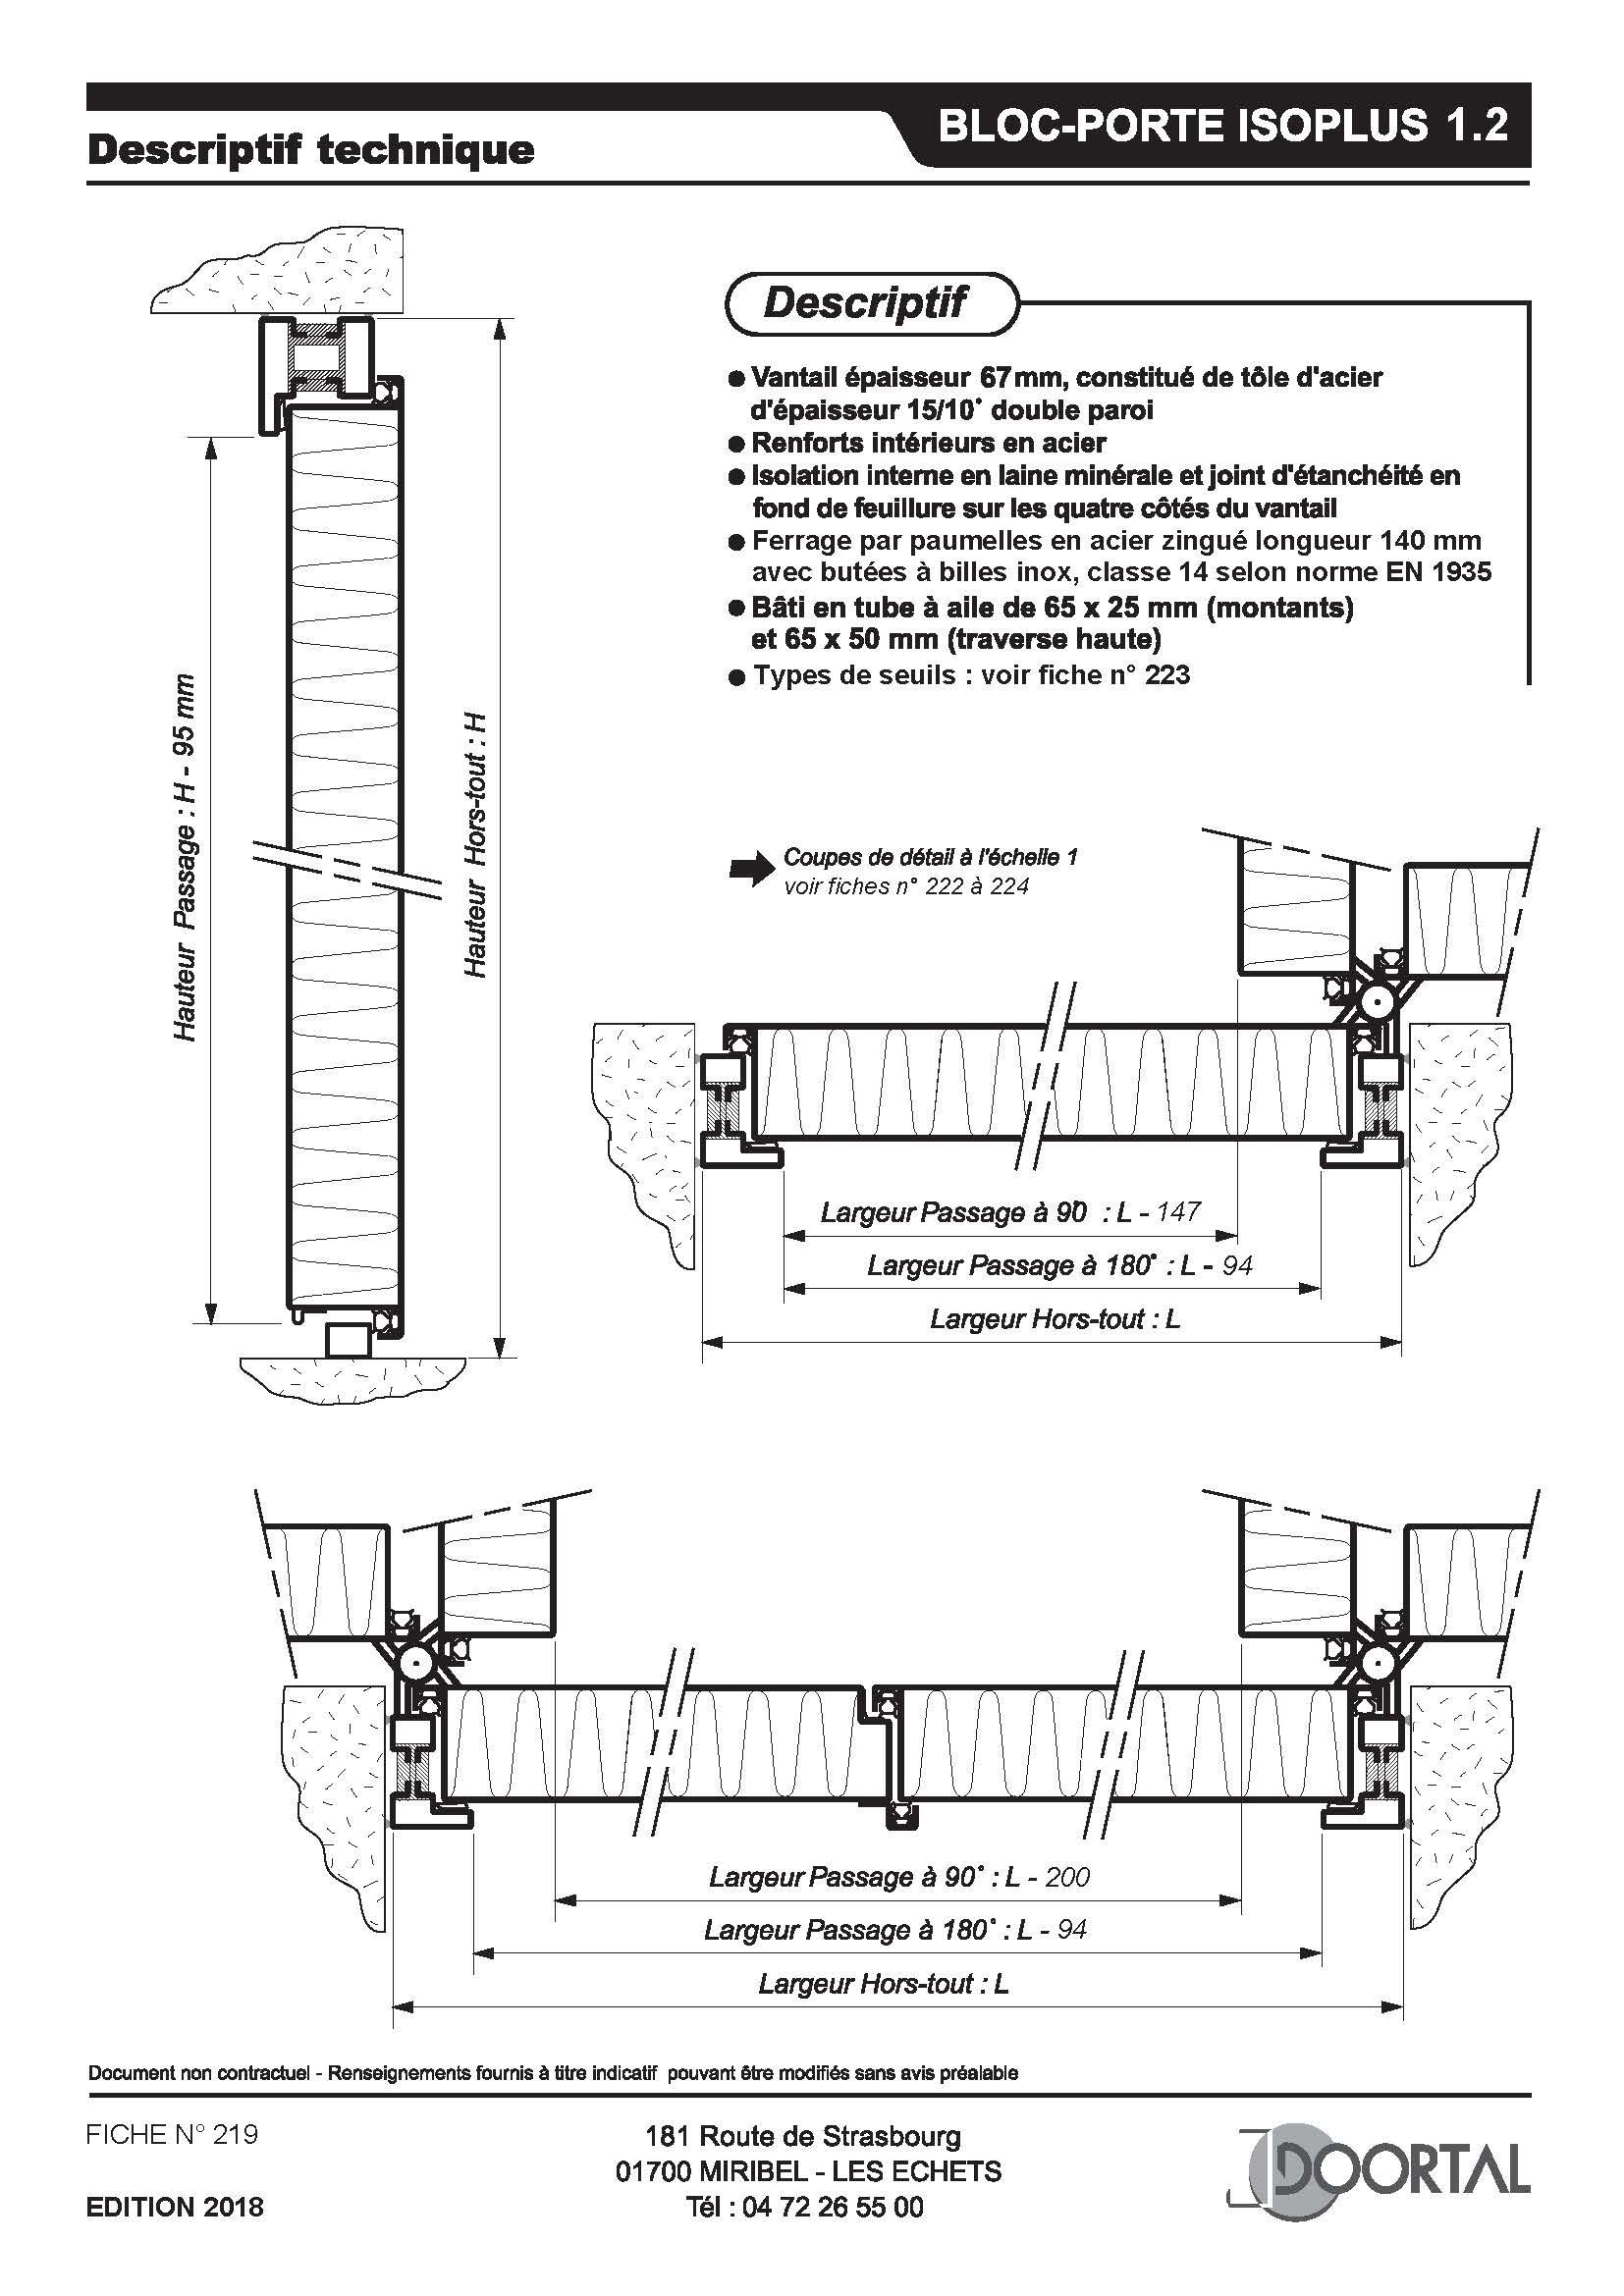 Fiche 219 - Descriptif technique Isoplus 1.2